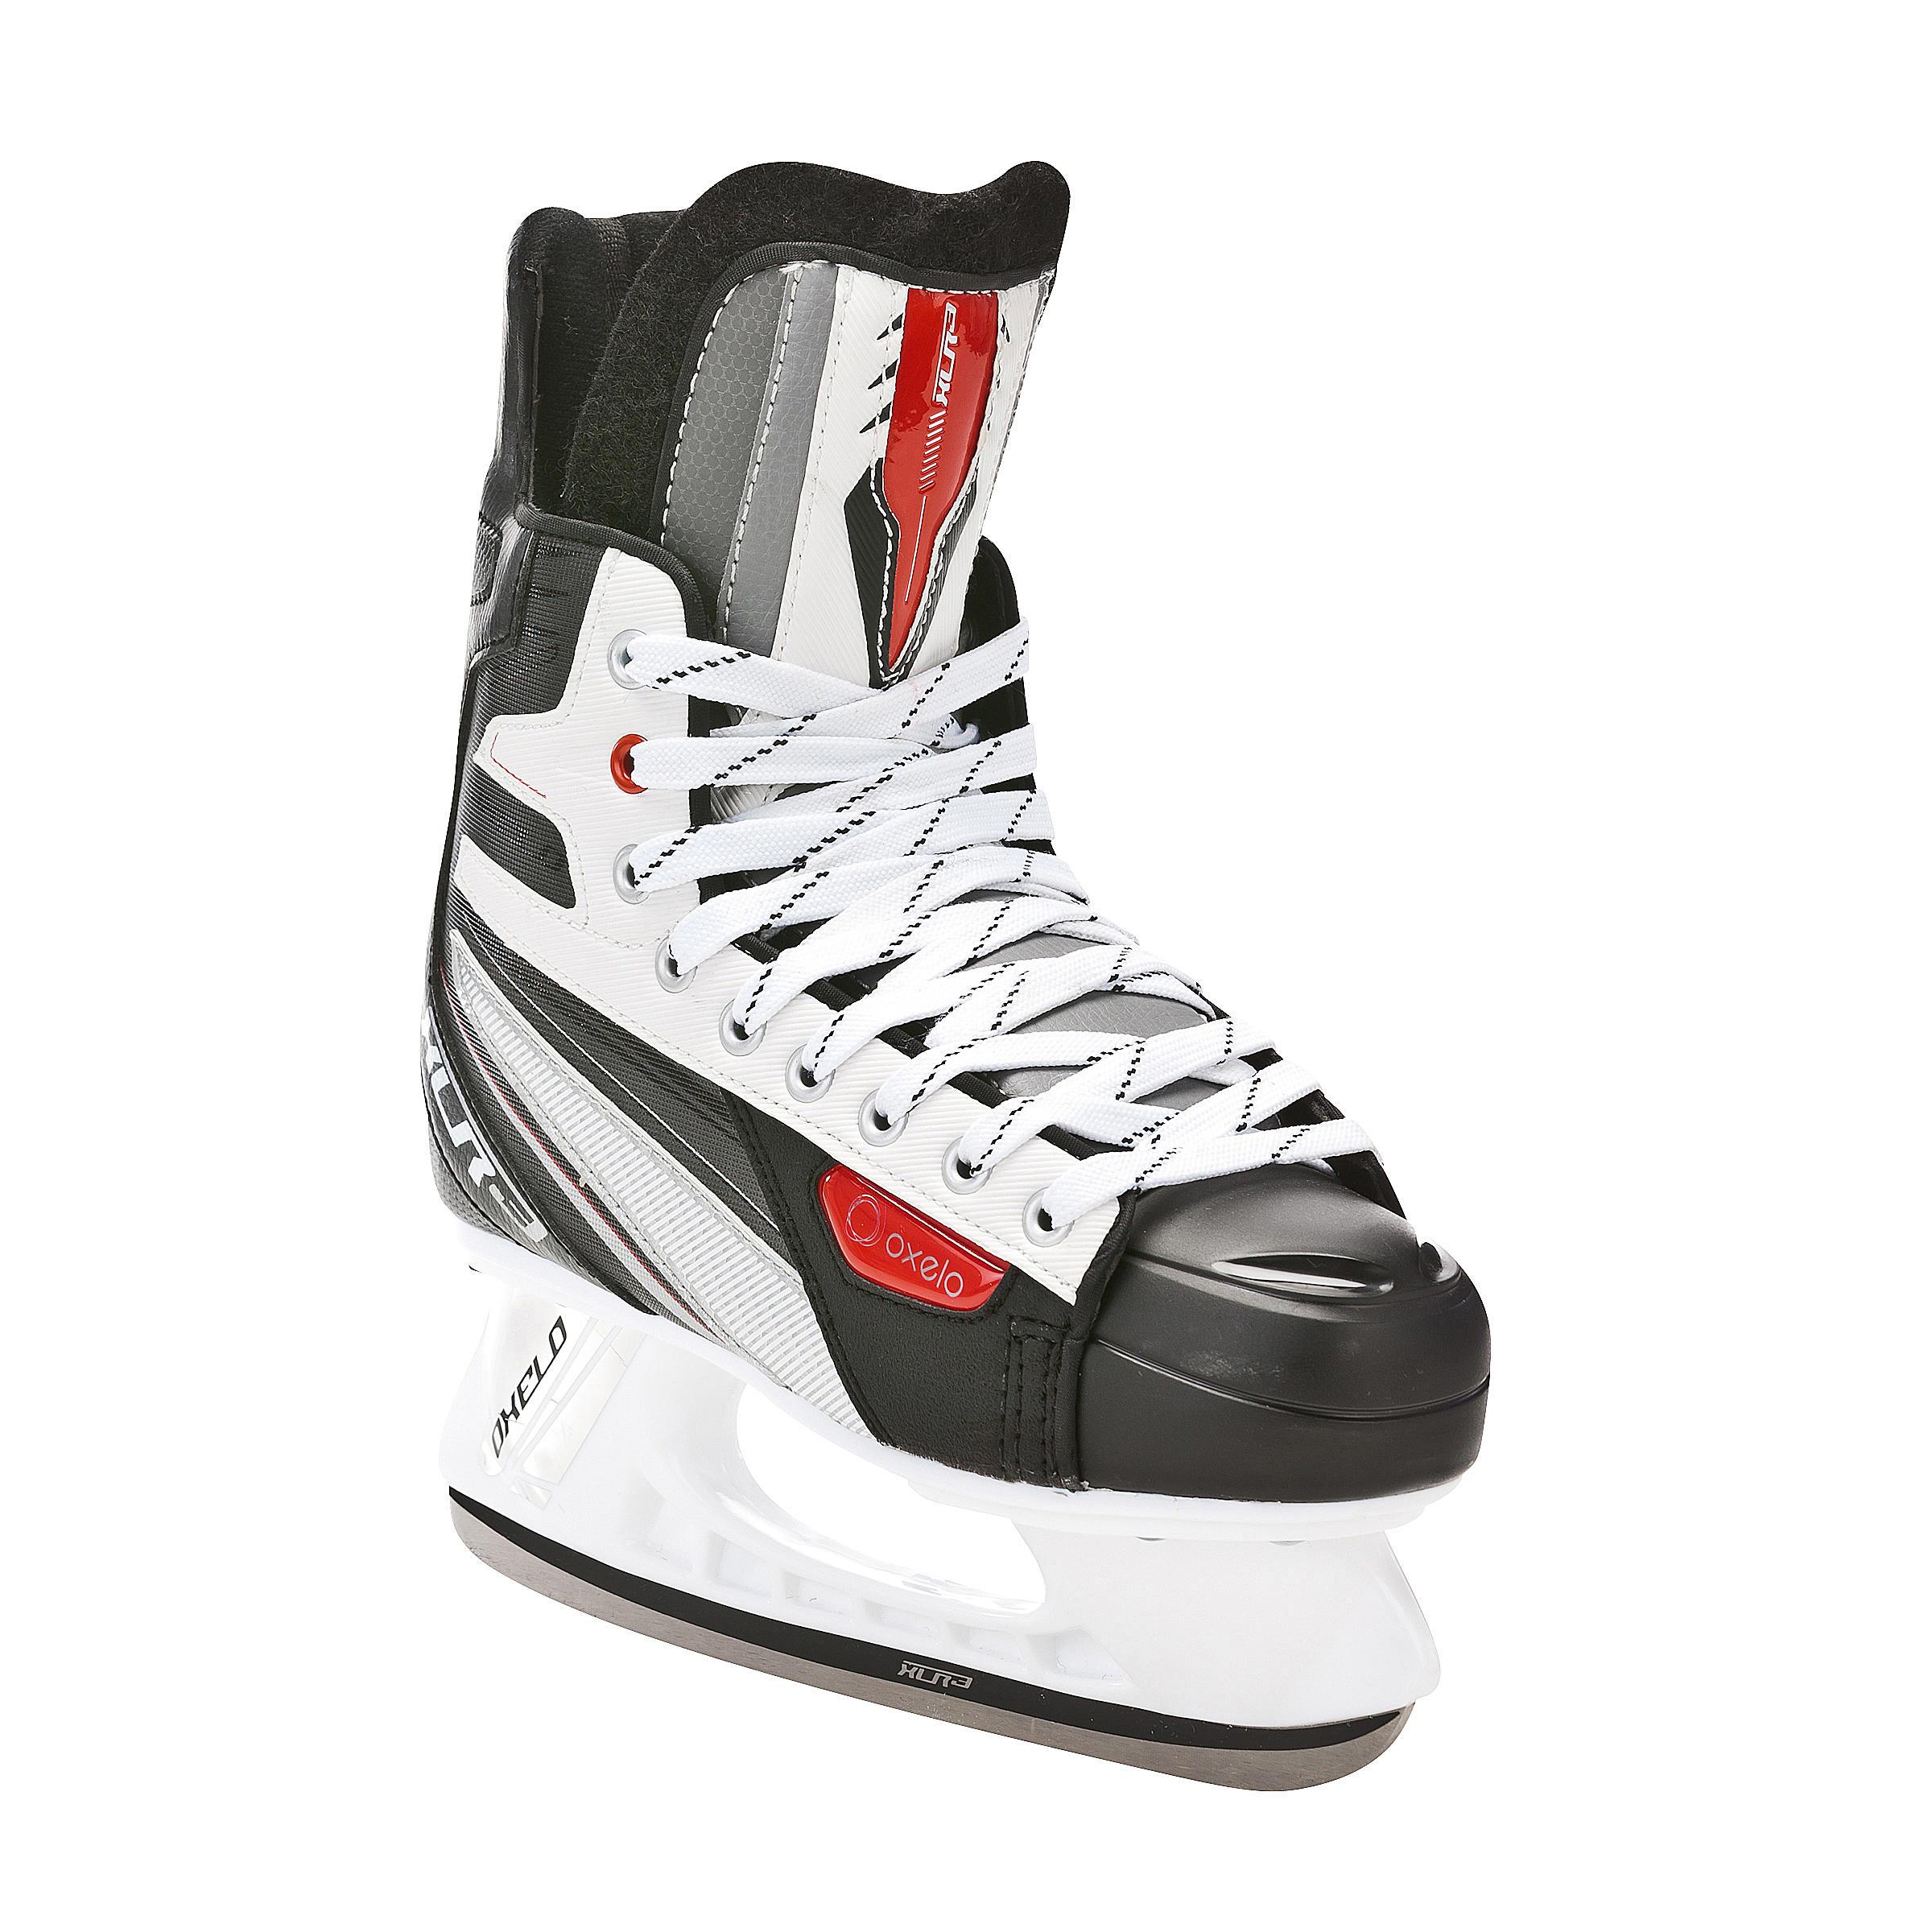 Oxelo IJshockeyschaatsen XLR3 voor volwassenen kopen